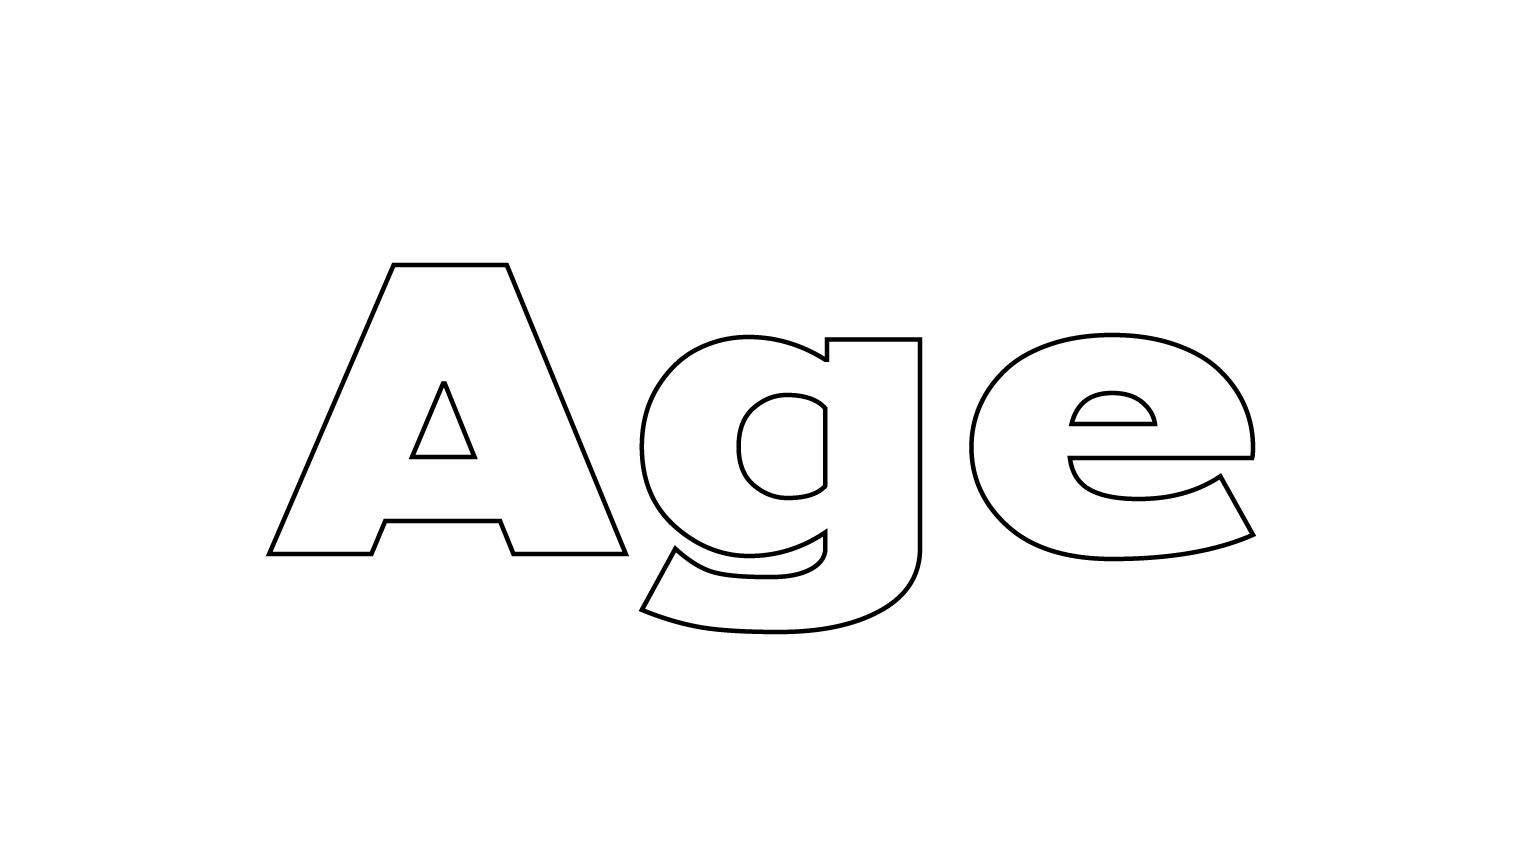 Логотип для медицинского центра (клиники)  фото f_8745ba14d32230b2.jpg